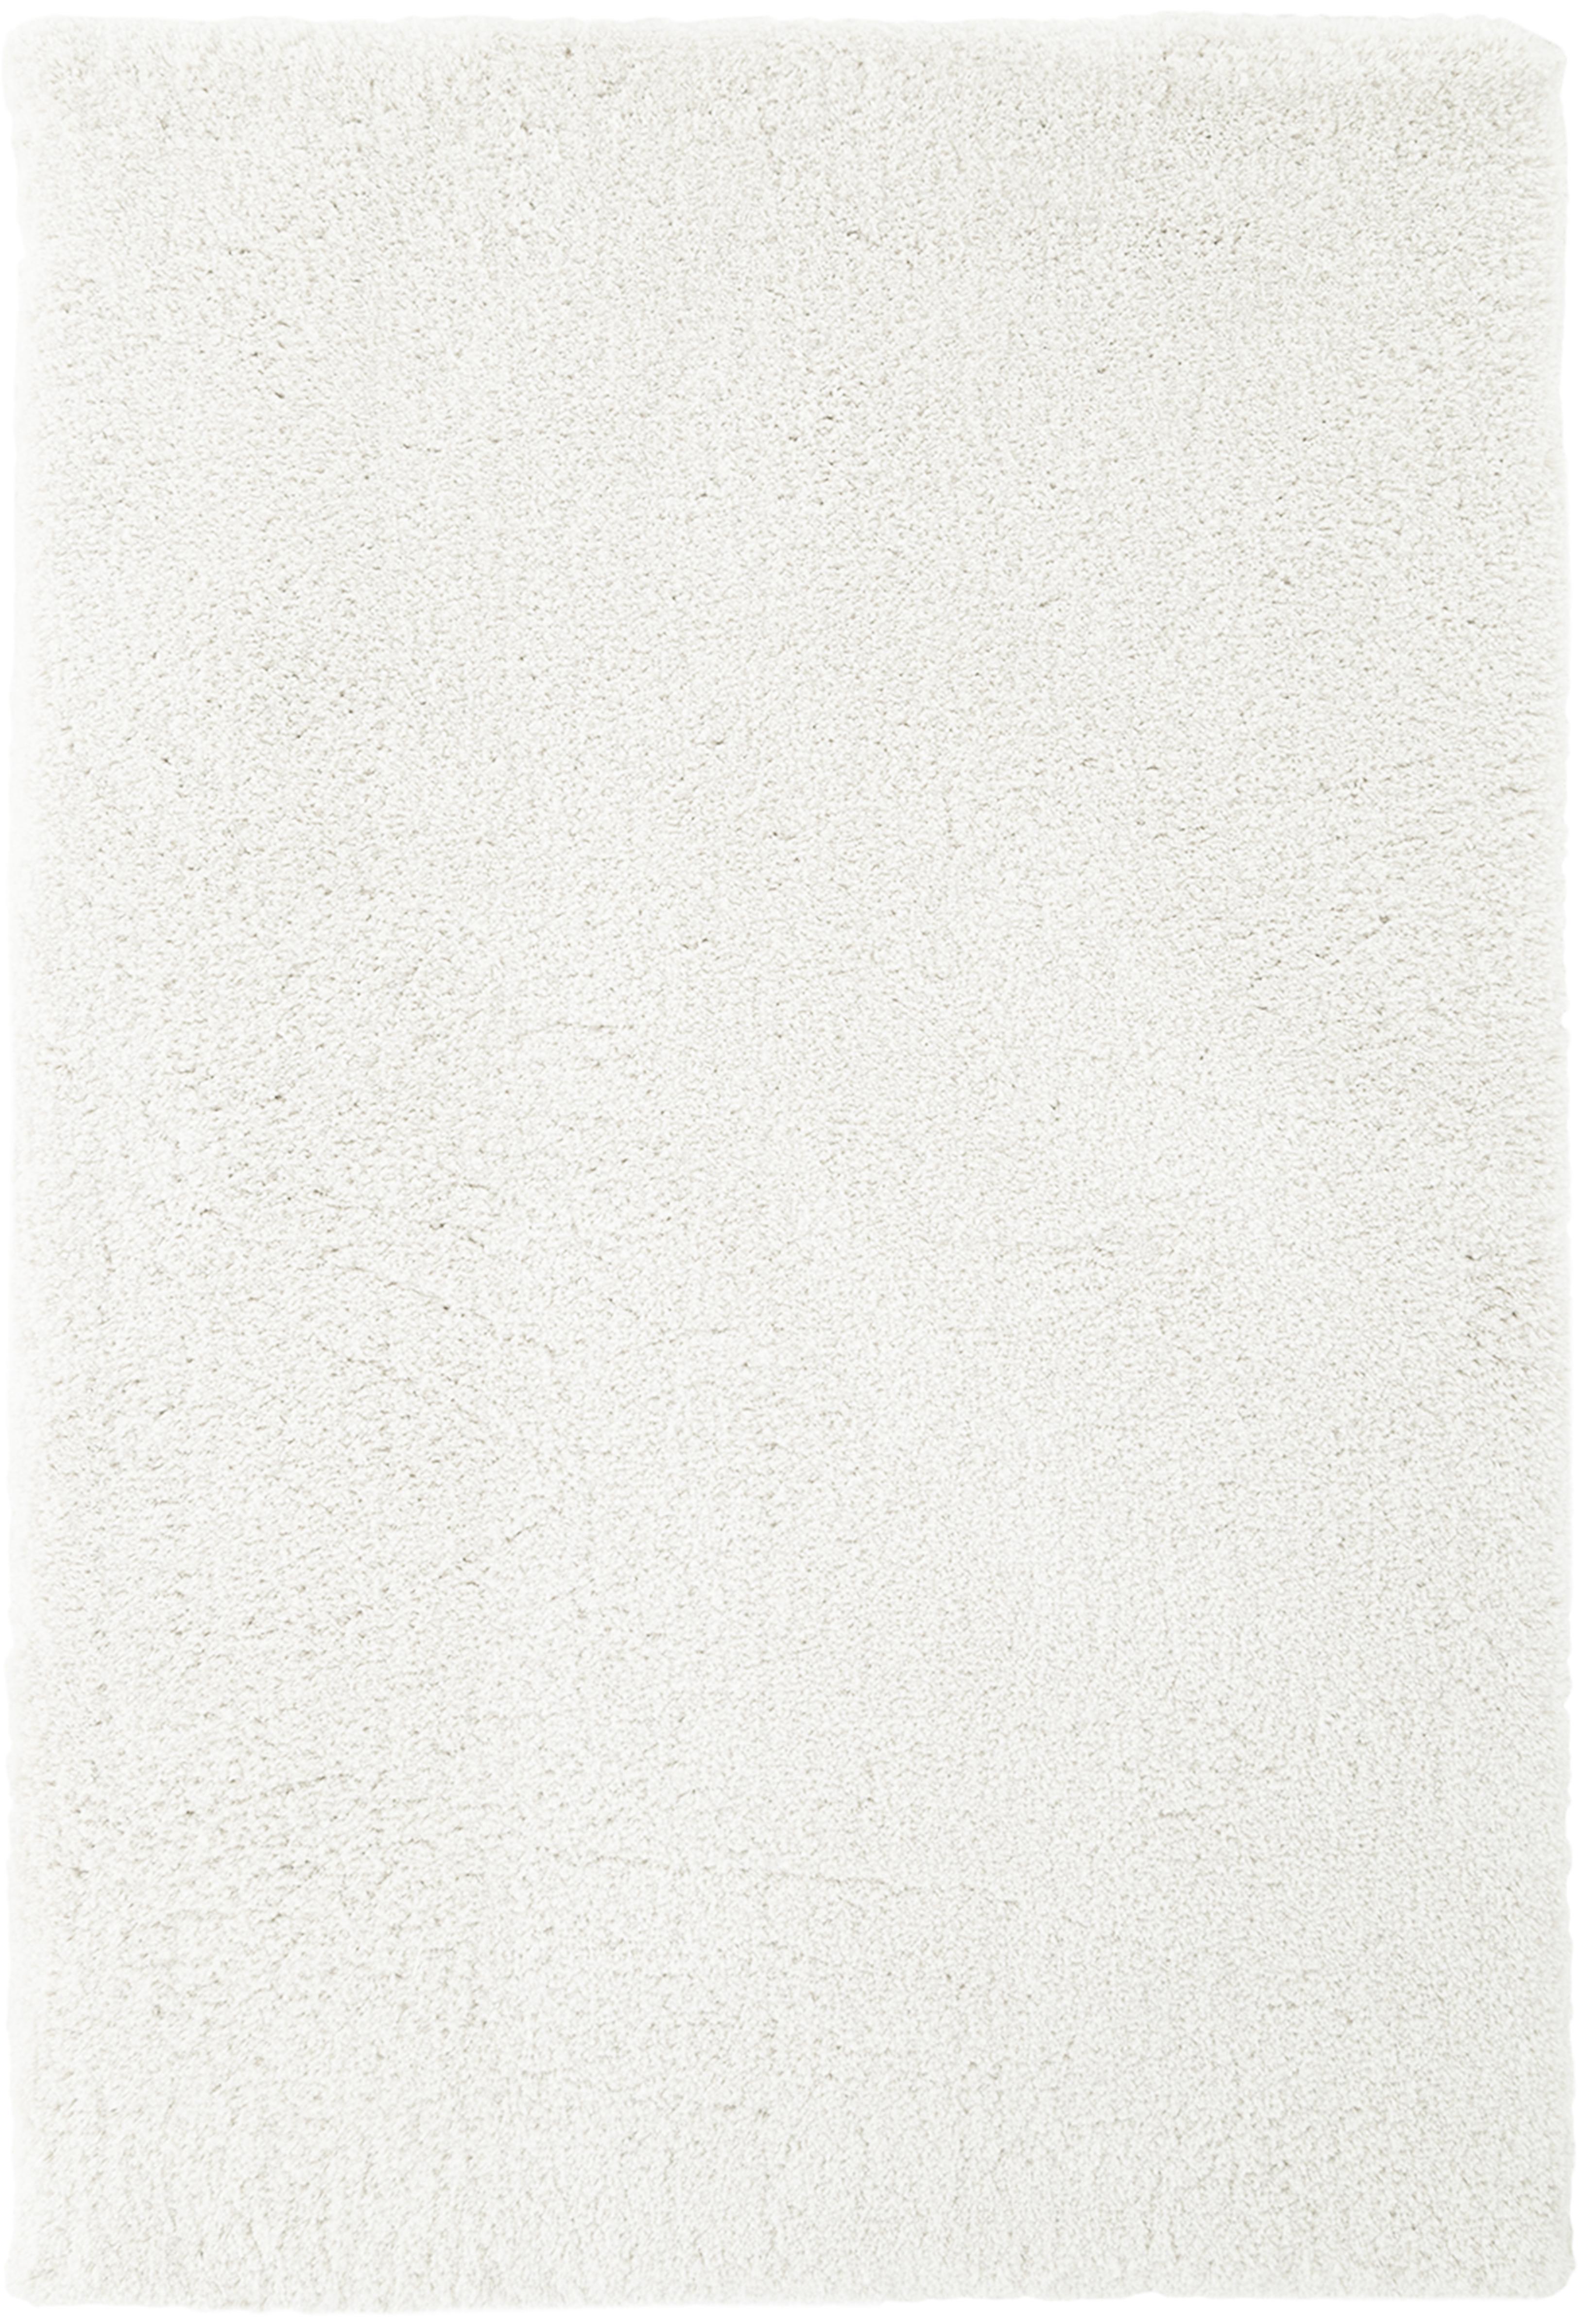 Pluizig hoogpolig vloerkleed Leighton in crèmekleur, Bovenzijde: 100% polyester (microveze, Onderzijde: 70% polyester, 30% katoen, Crèmekleurig, B 160 x L 230 cm (maat M)